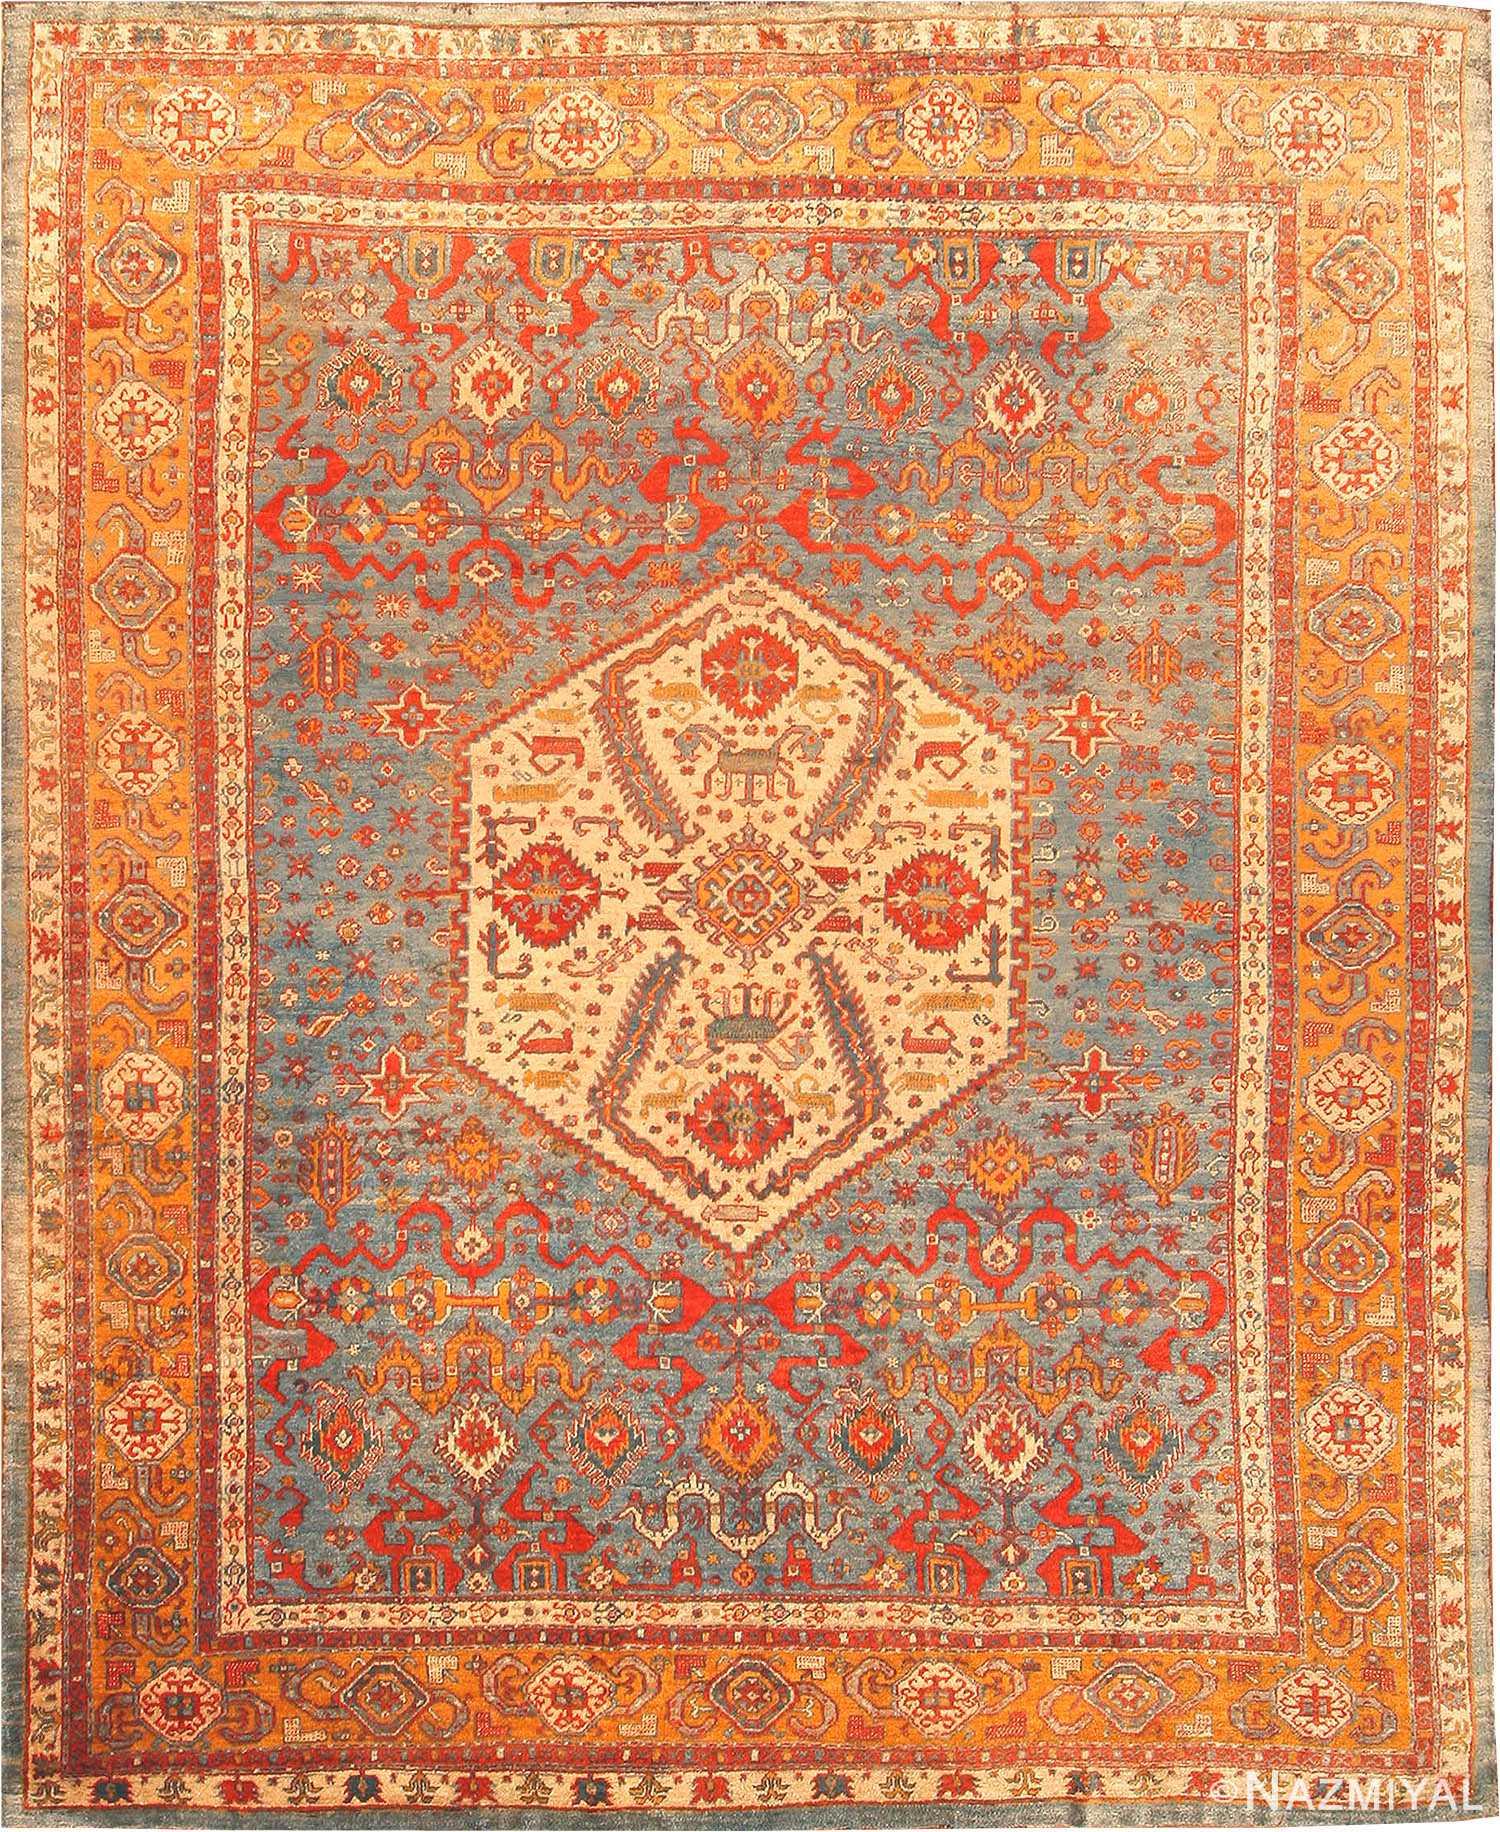 Turkish Ground Rug: Antique Oushak Rug From Turkey 42687 By Nazmiyal